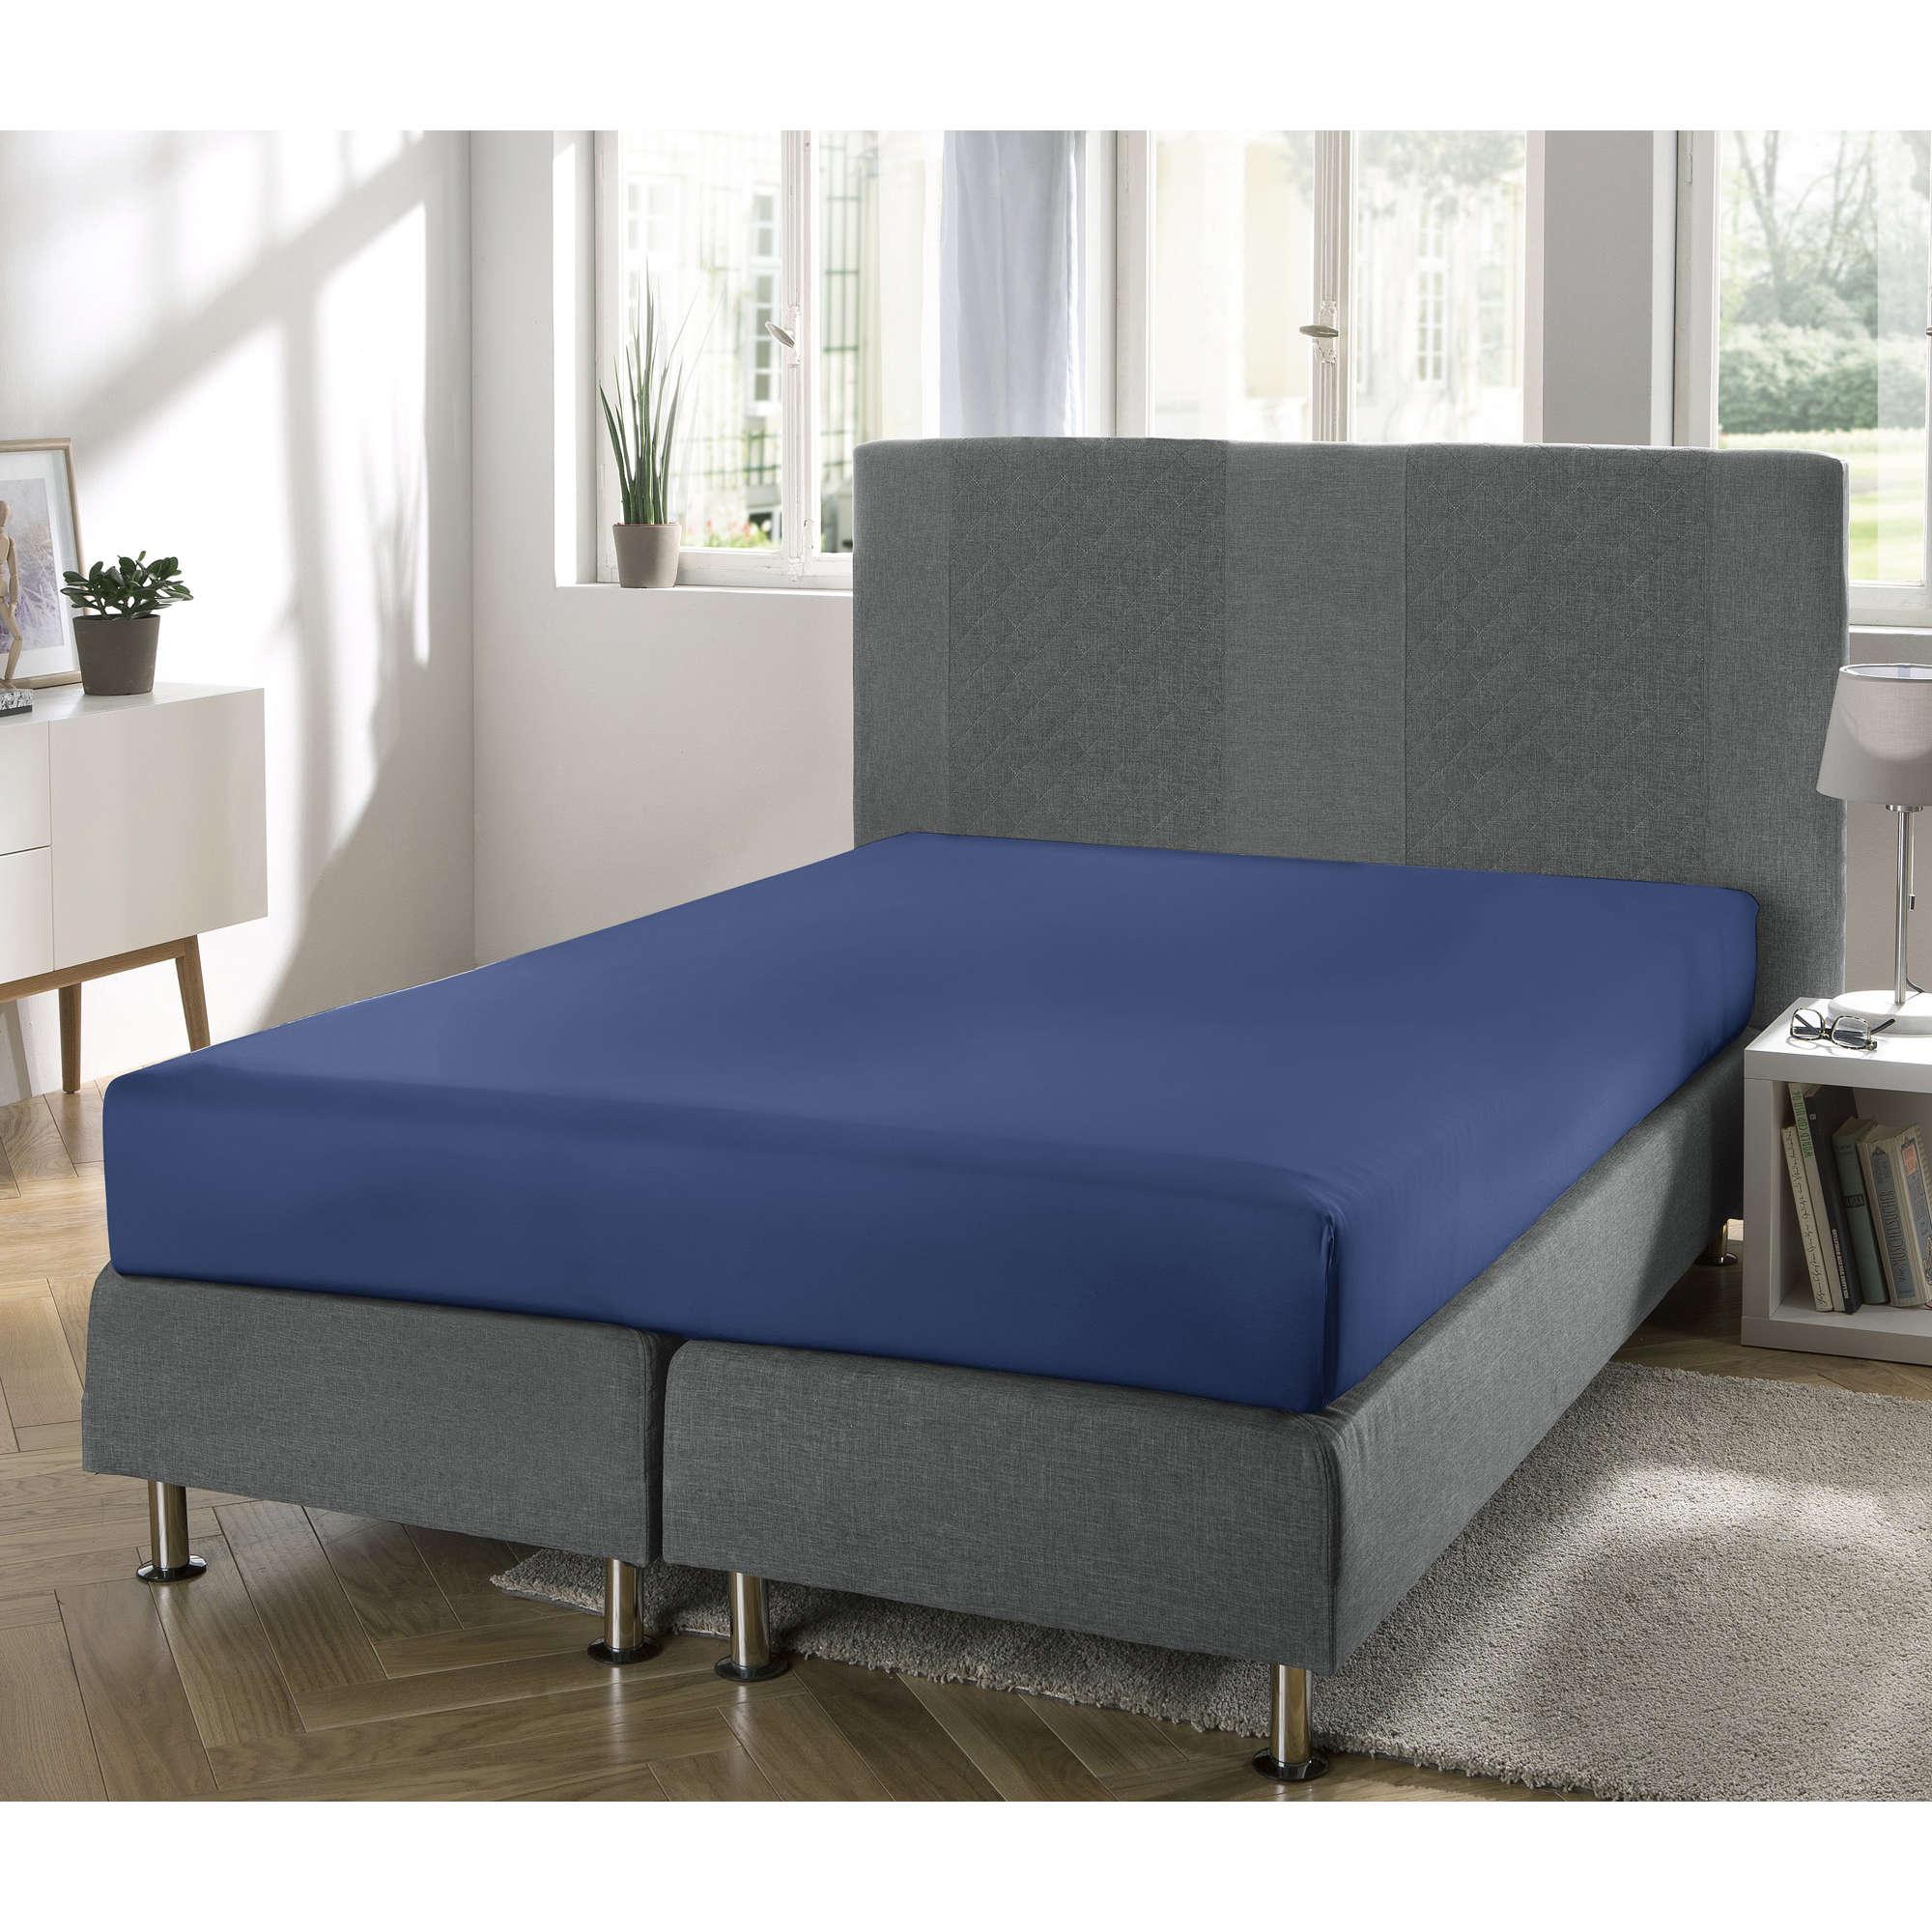 erwin m ller boxspringbett spannbettlaken freising ebay. Black Bedroom Furniture Sets. Home Design Ideas